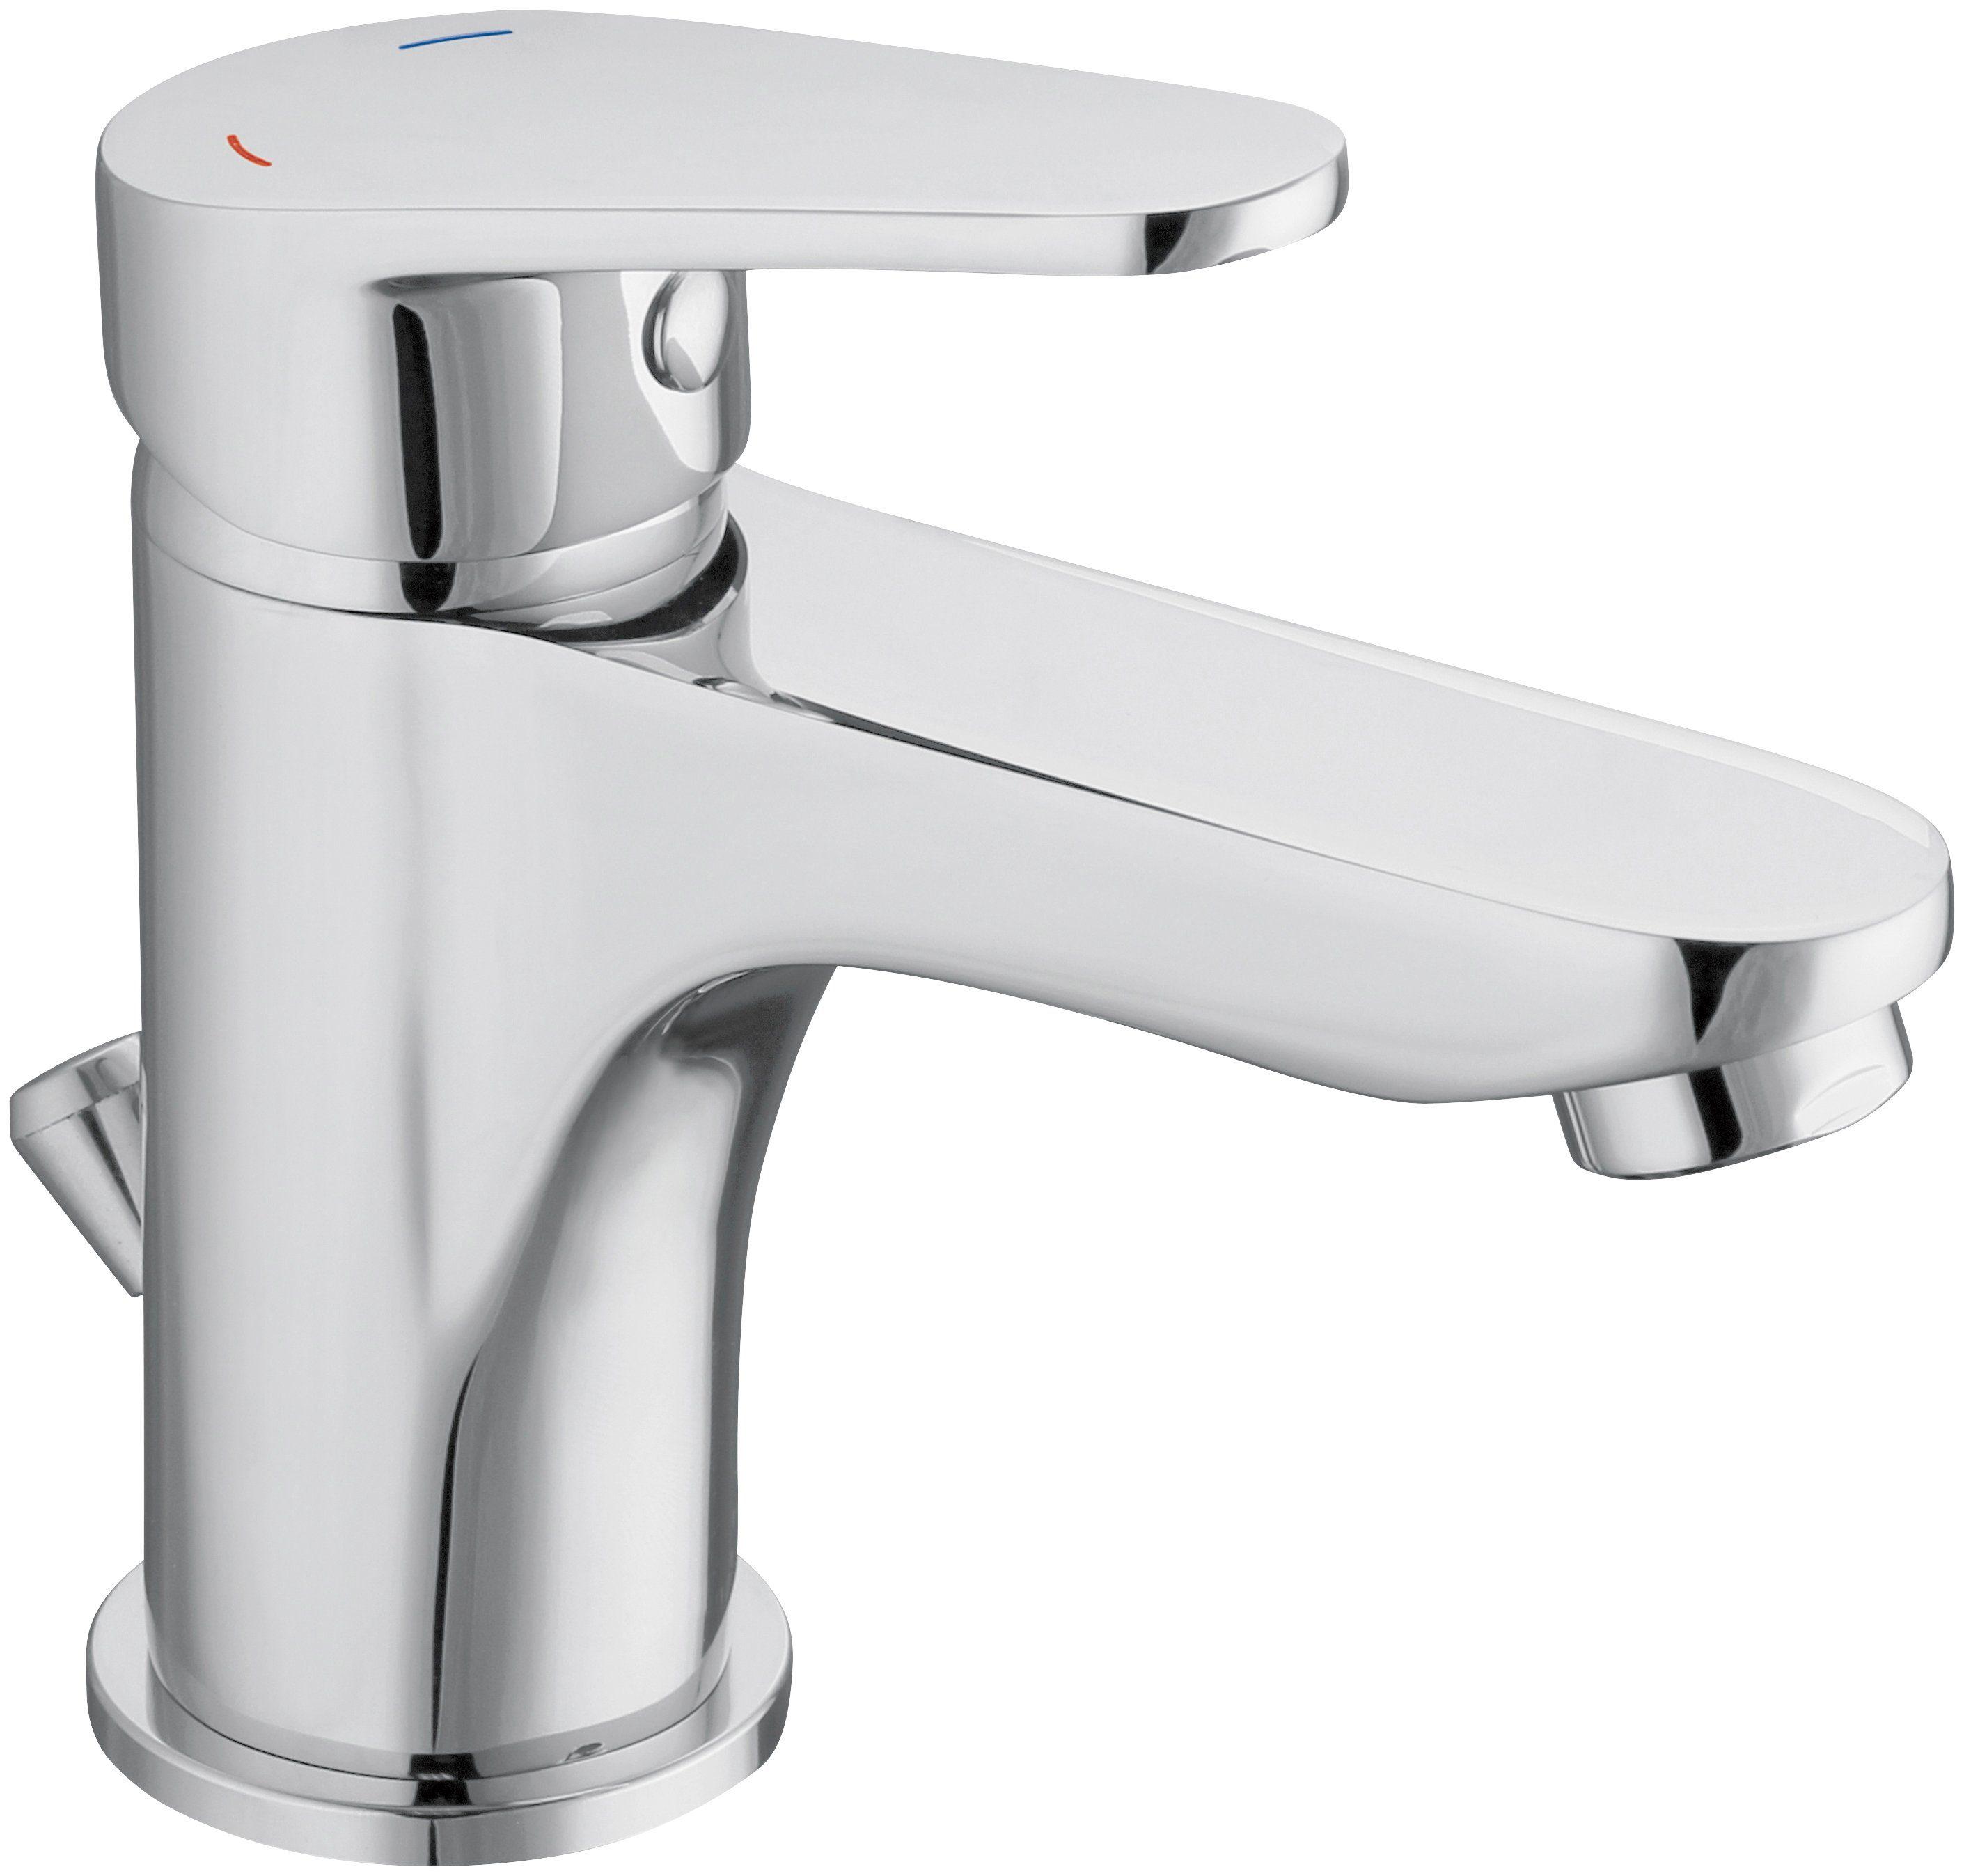 SCHÜTTE Waschtischarmatur »Futura«, Wasserhahn